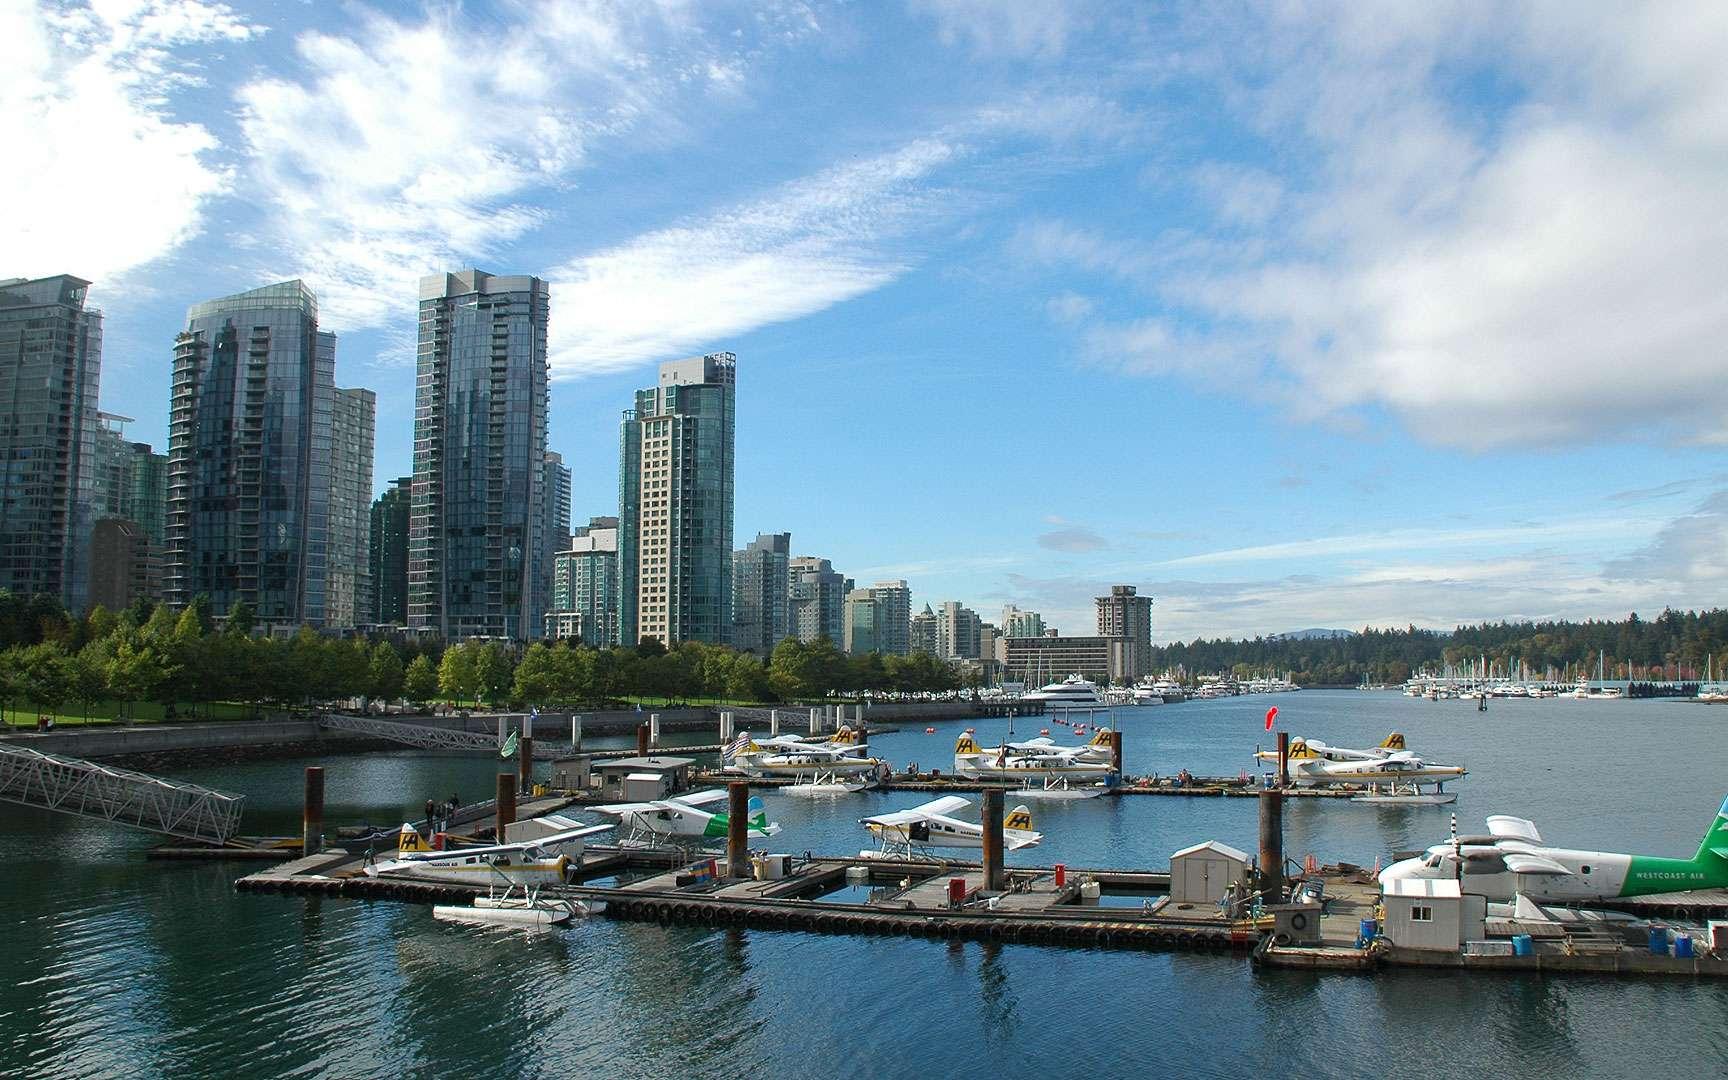 Vancouver 2010 Curling olympique. Site de compétition pour le curling olympique et le curling en fauteuil roulant paralympique. © VANOC/COVAN